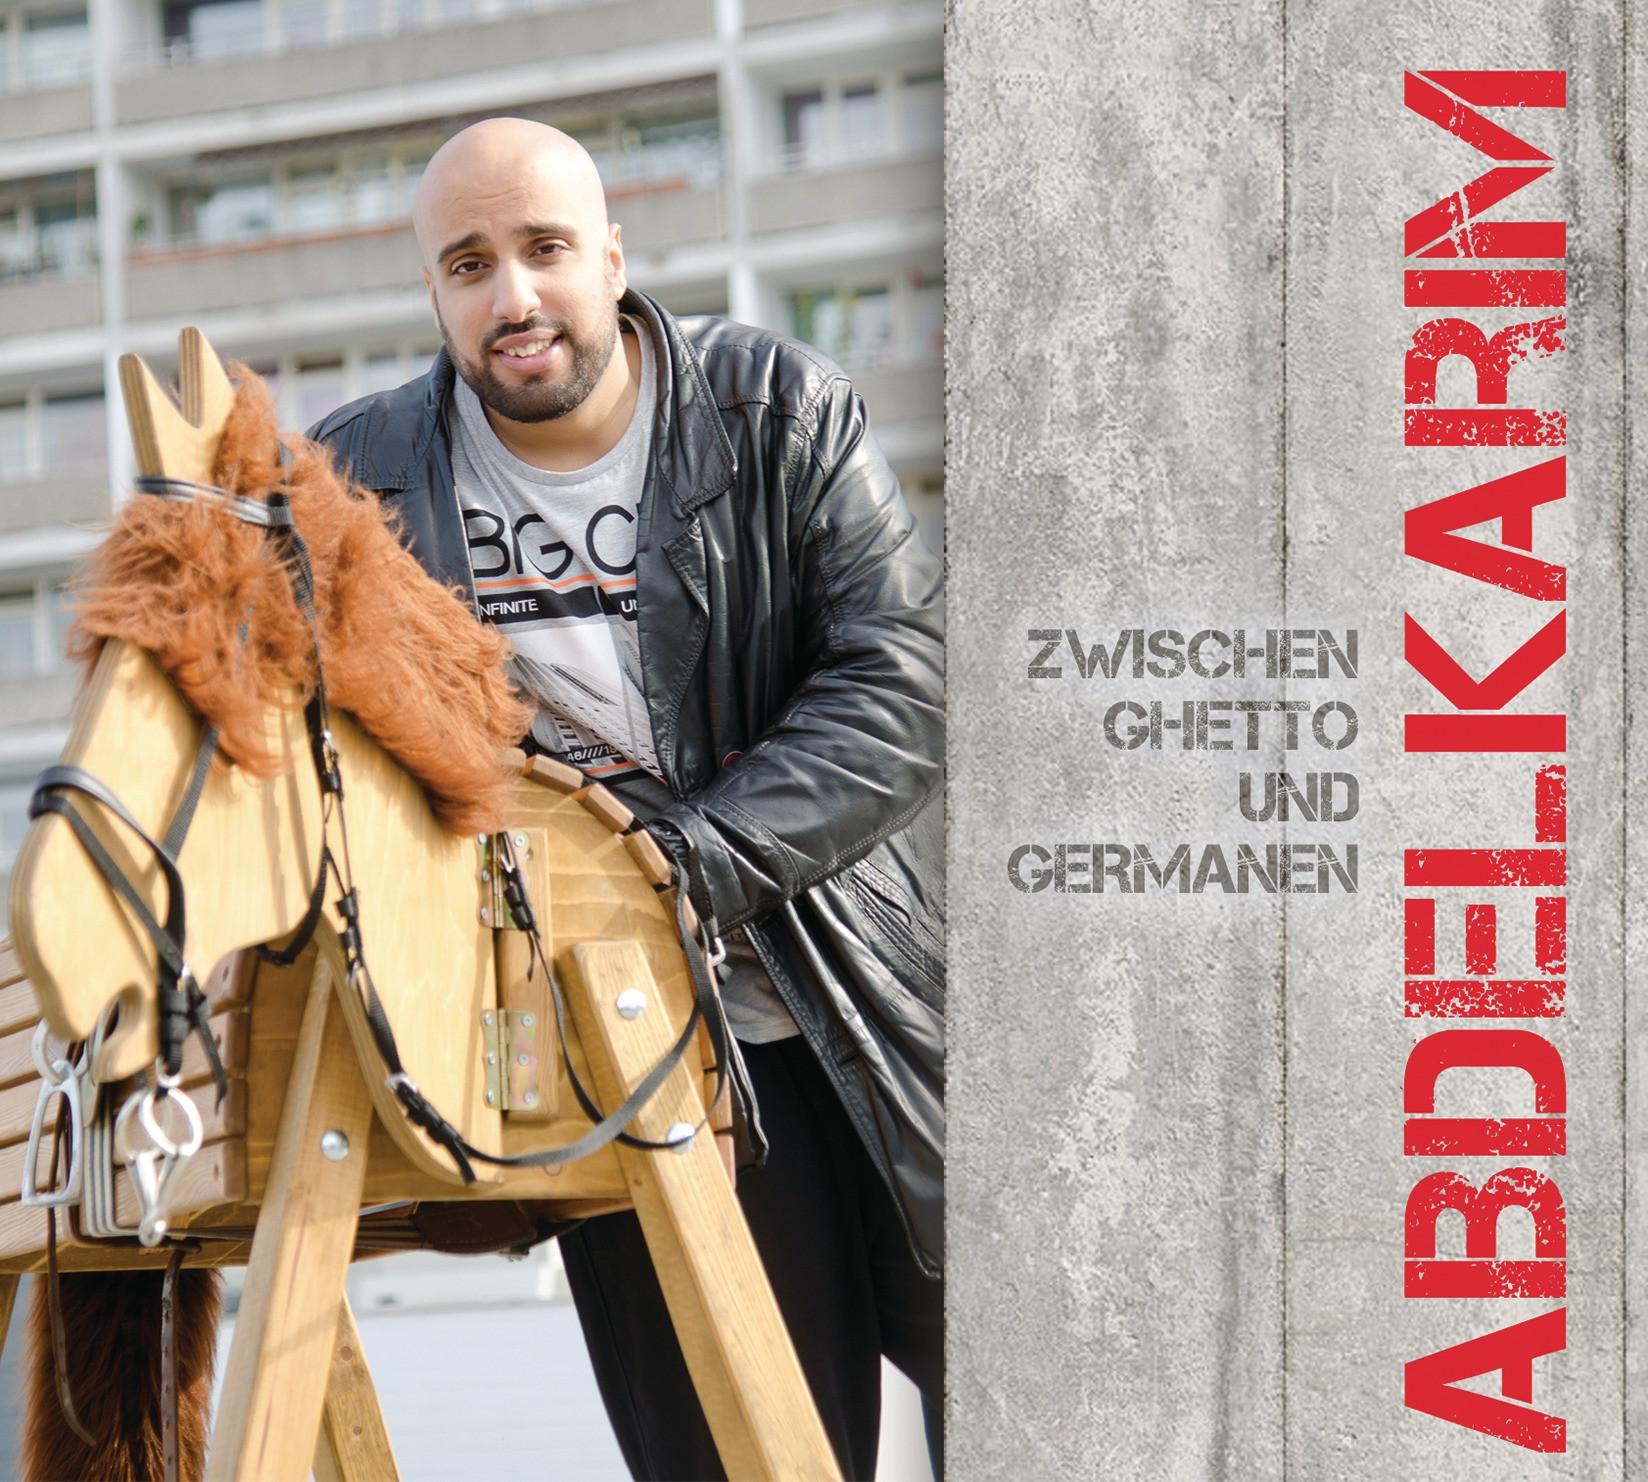 Abdelkarim - Zwischen Ghetto und Germanen